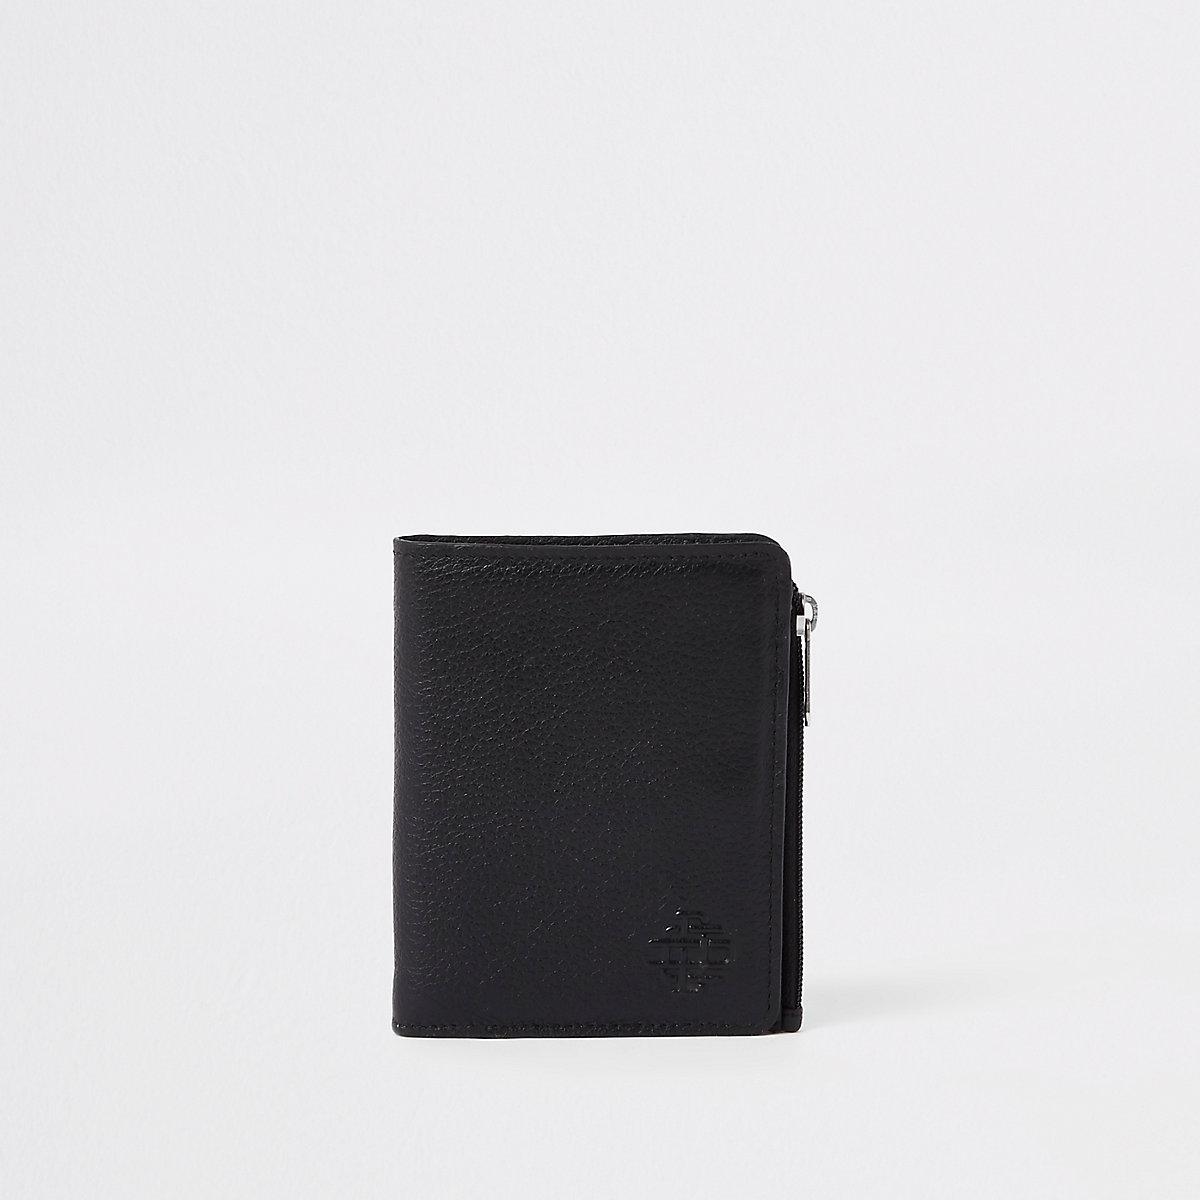 Portefeuille en cuir zippé noir